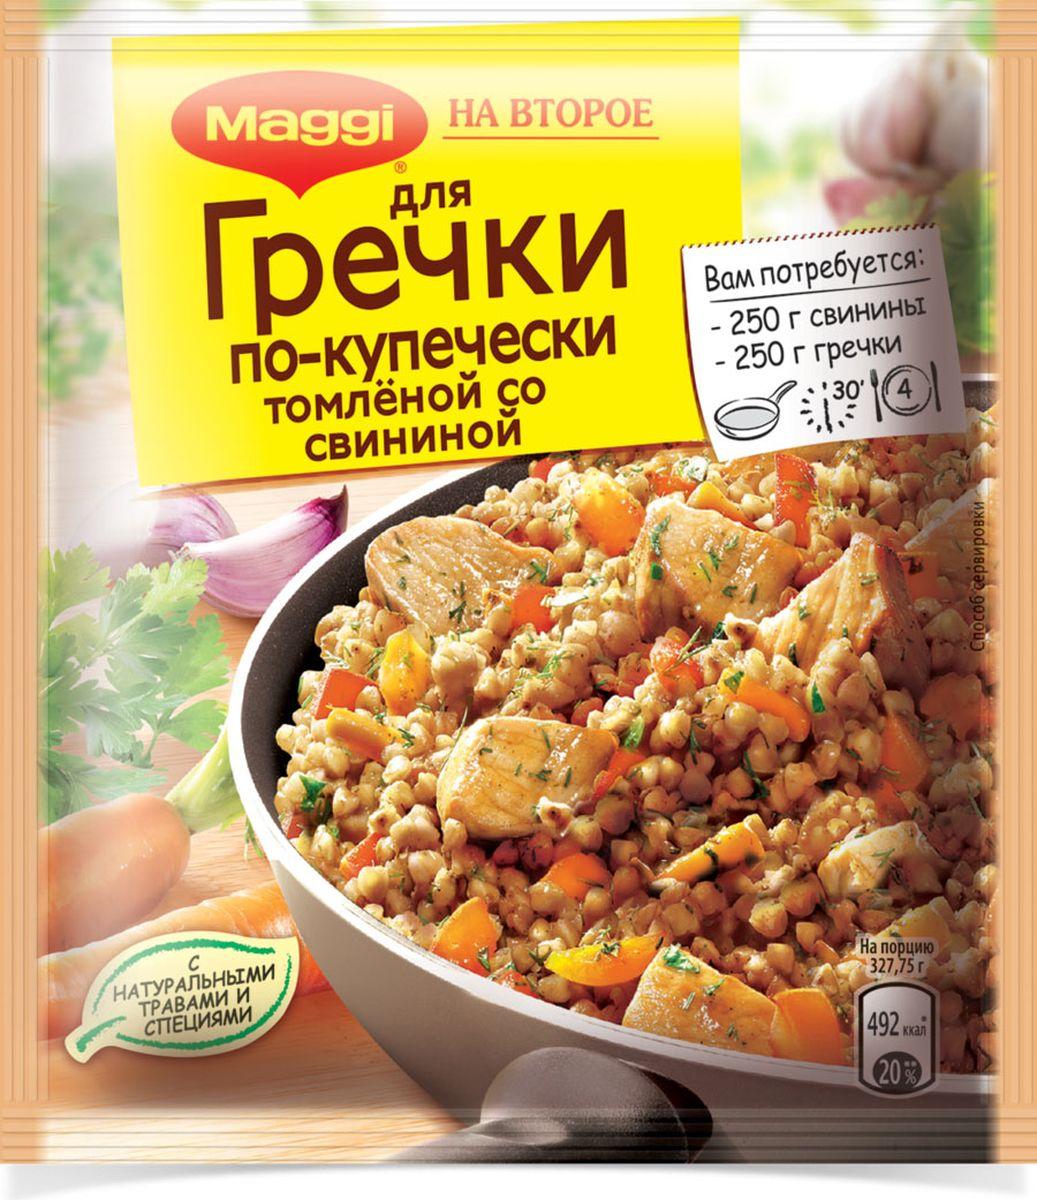 Maggi На второе для гречки по-купечески томленой со свининой, 41 г12253196Гречка по-купечески - сытное и вкусное блюдо с давней историей. Рассыпчатая каша, пропитанная подливой со специями, ароматные кусочки жареного мяса — этот рецепт оценят даже те, кто недолюбливает гречку.Чтобы приготовить гречку по-купечески с Maggi На второе, вам понадобится минимум продуктов: крупа, мясо и приправа Maggi на второе. Весь секрет — в уникальном сочетании натуральных трав и специй, которые придают блюду незабываемый вкус.В состав продукта входят натуральные овощи, травы и специи. Продукт может содержать незначительное количество молока, сельдерея.Уважаемые клиенты! Обращаем ваше внимание на то, что упаковка может иметь несколько видов дизайна. Поставка осуществляется в зависимости от наличия на складе.